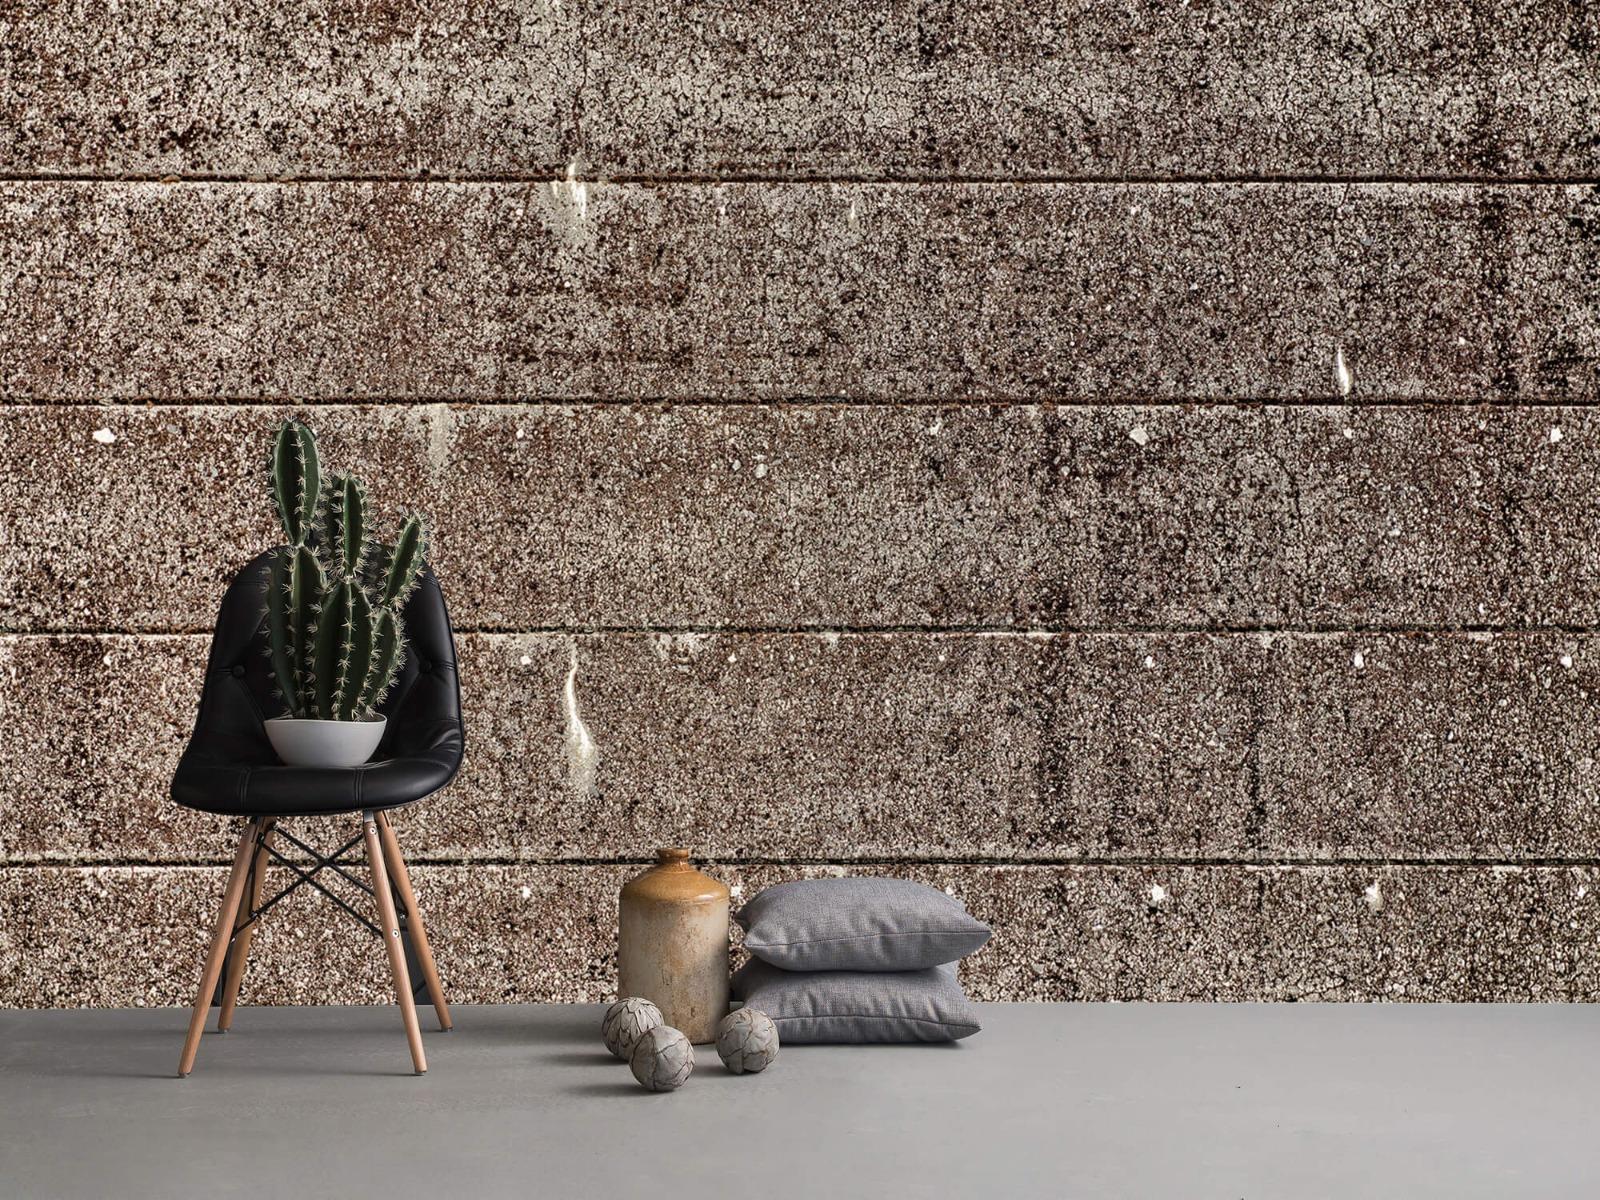 Steen behang - Oude betonnen damwand - Tienerkamer 14